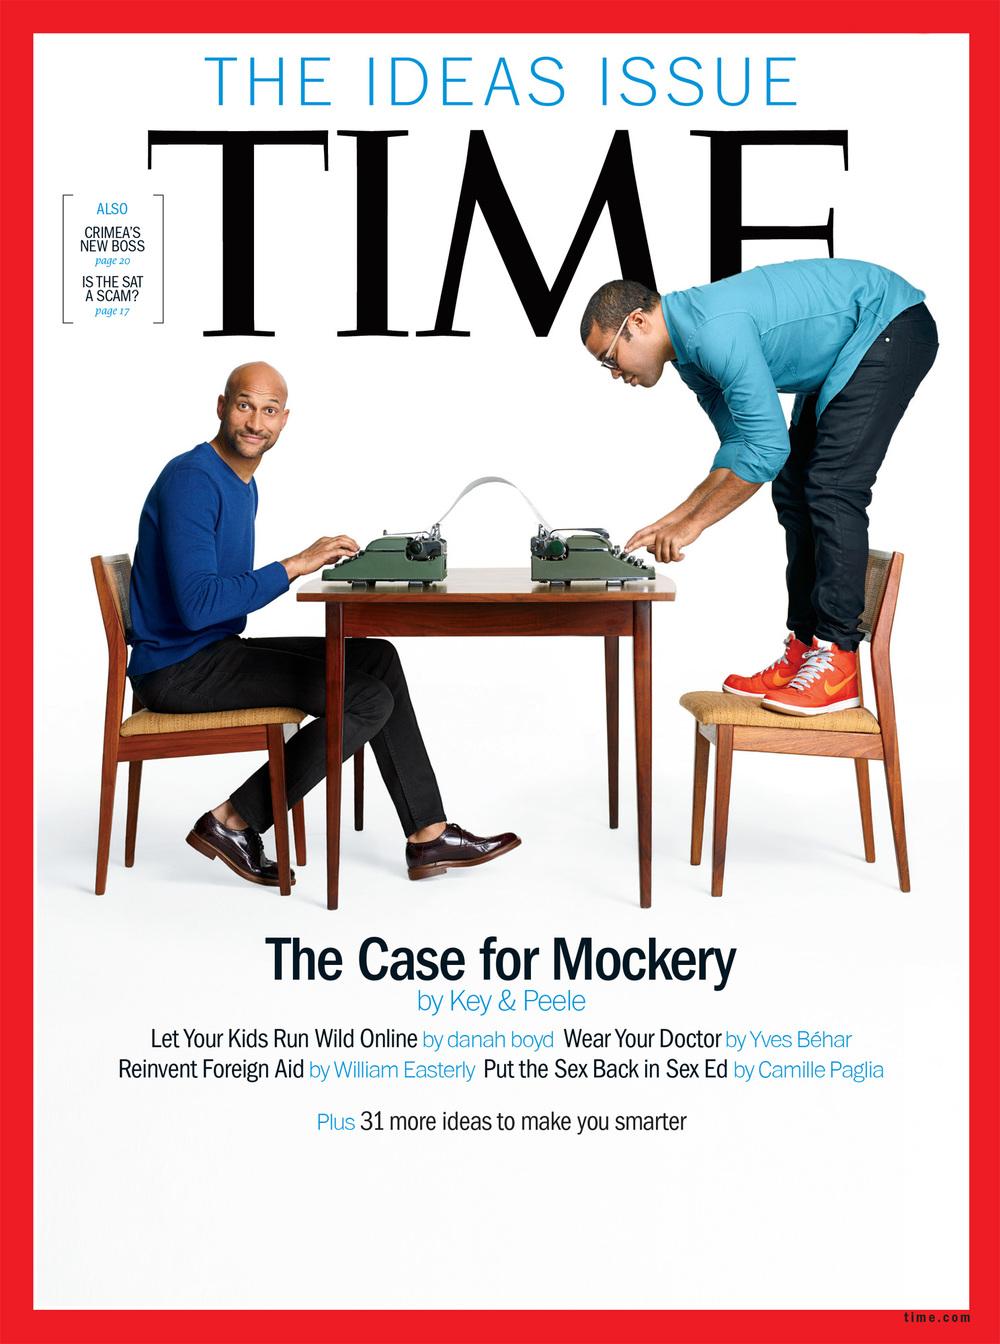 Key & Peele,  Time